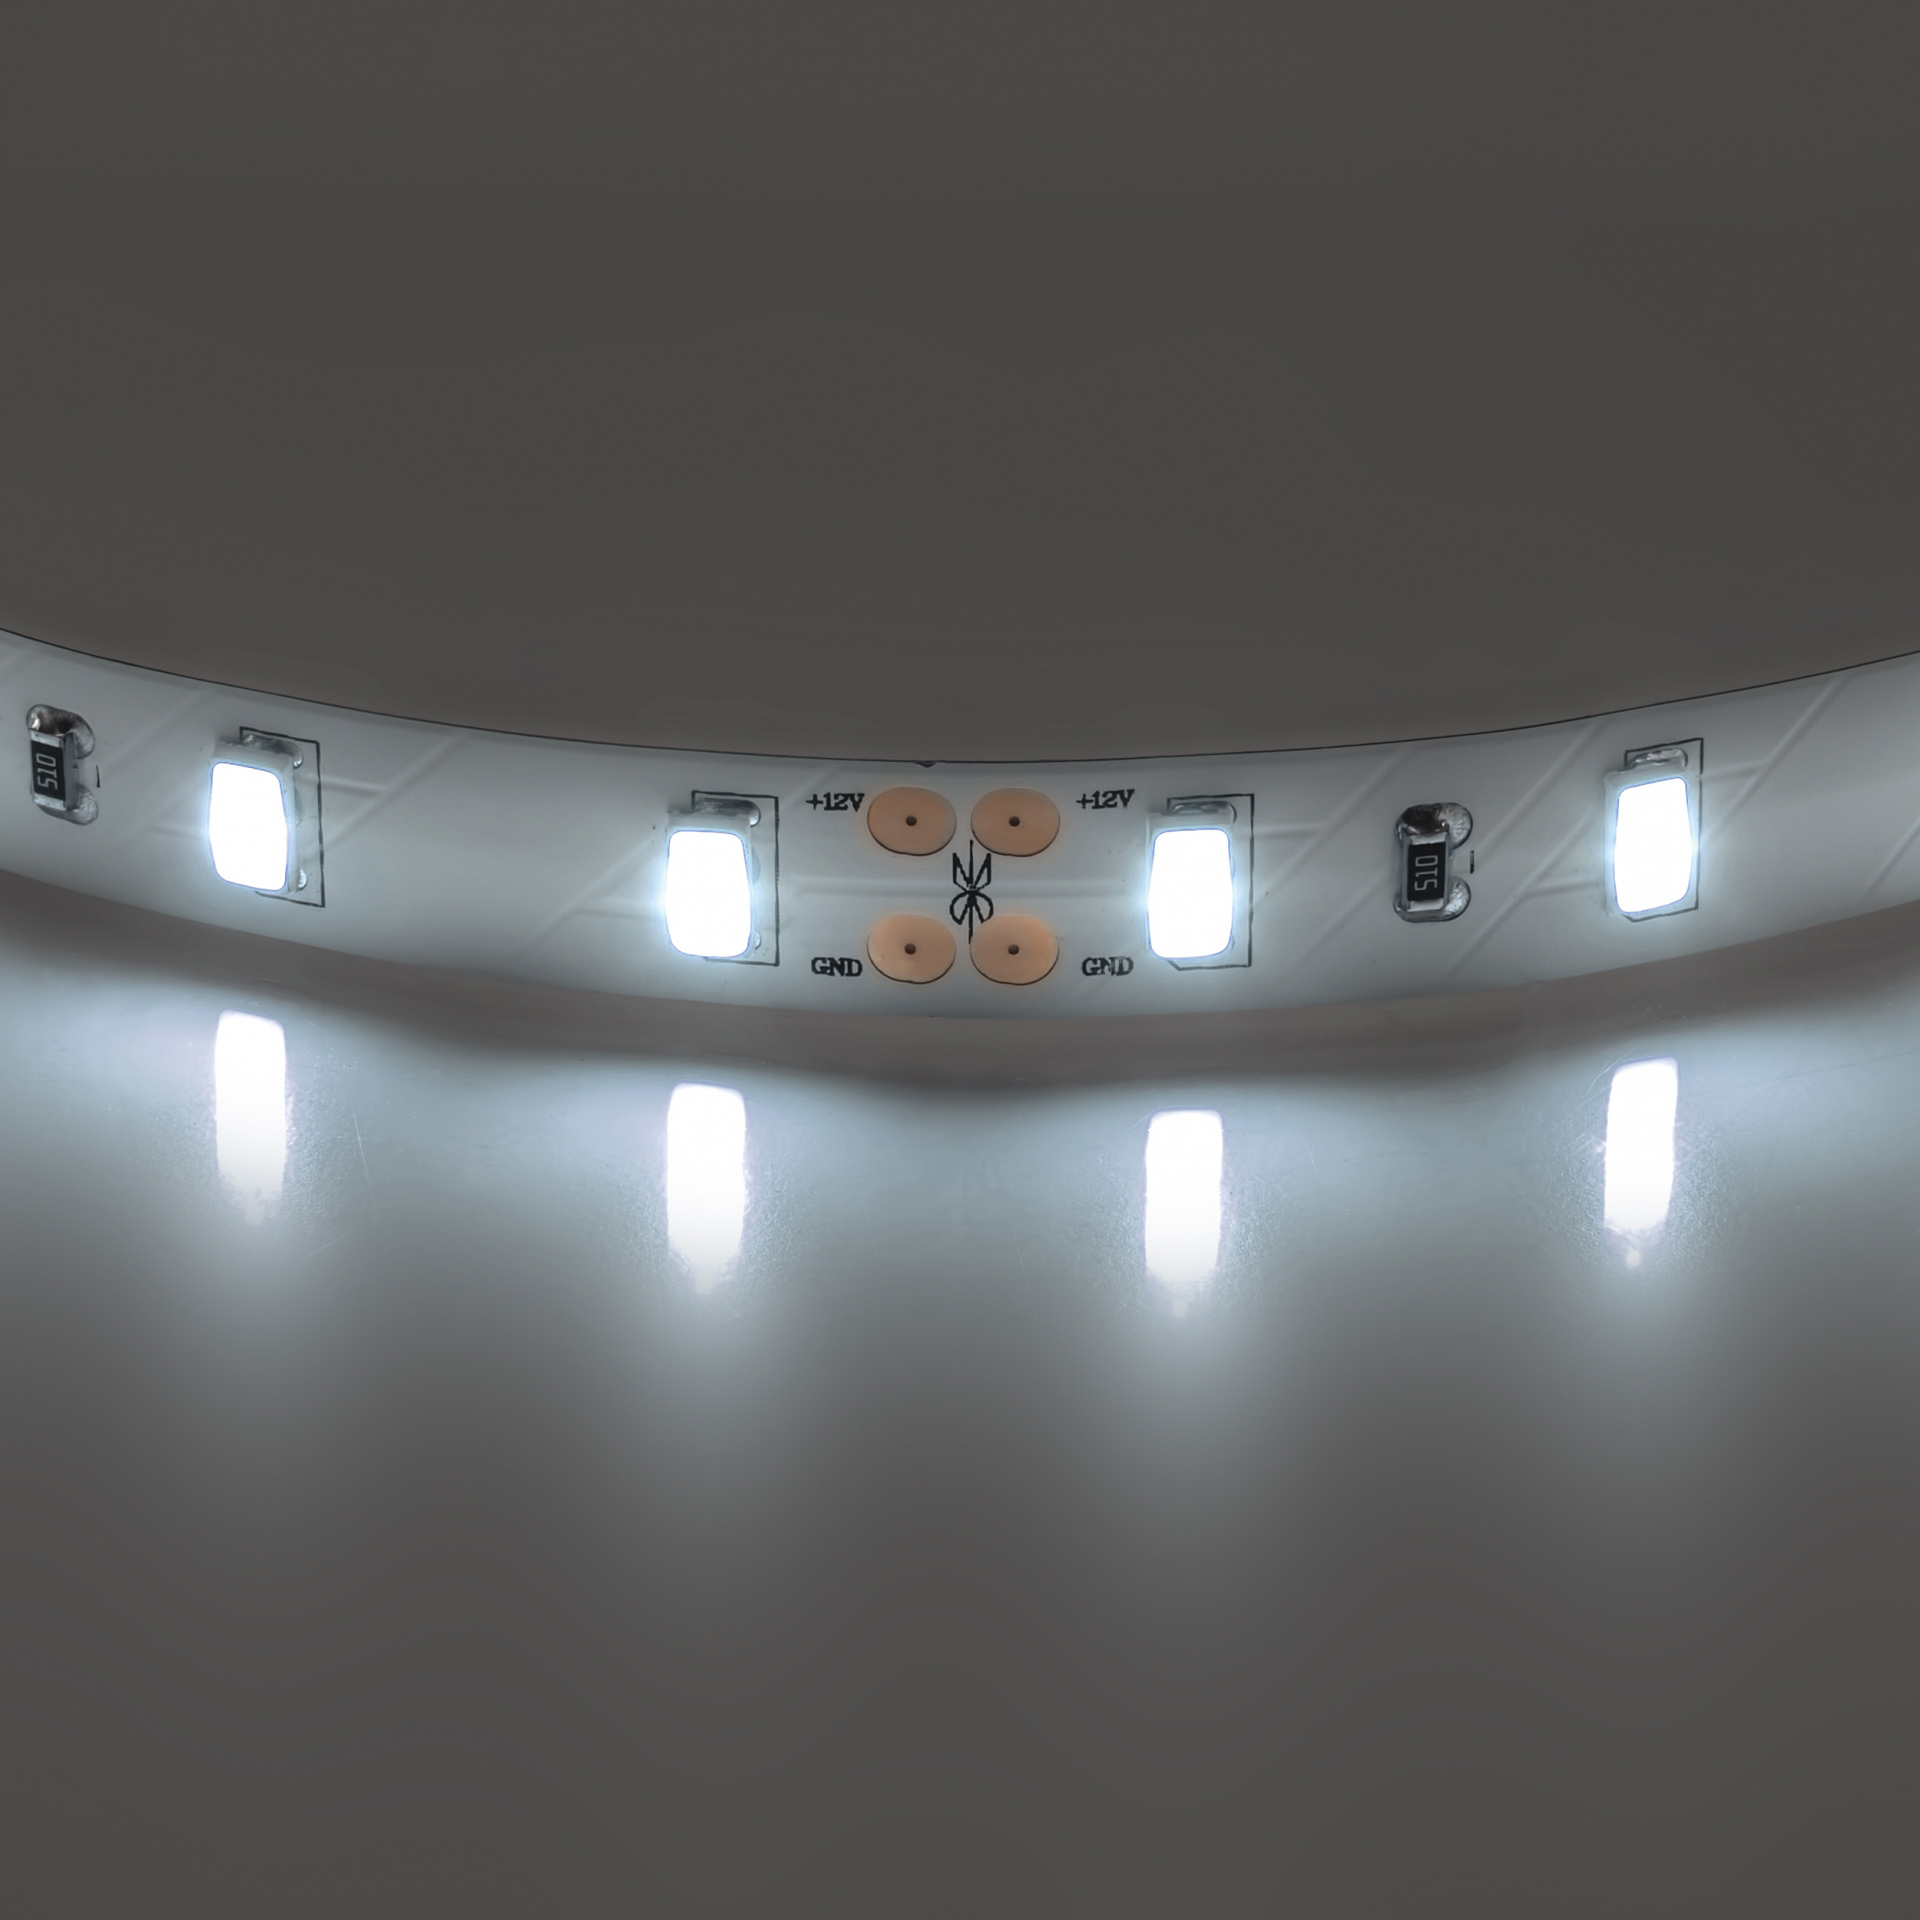 Лента 5630 LED 12V 28.8W 4000K 200m нейтральный белый свет Lightstar 400076, купить в СПб, Москве, с доставкой, Санкт-Петербург, интернет-магазин люстр и светильников Starlight, фото в жизни